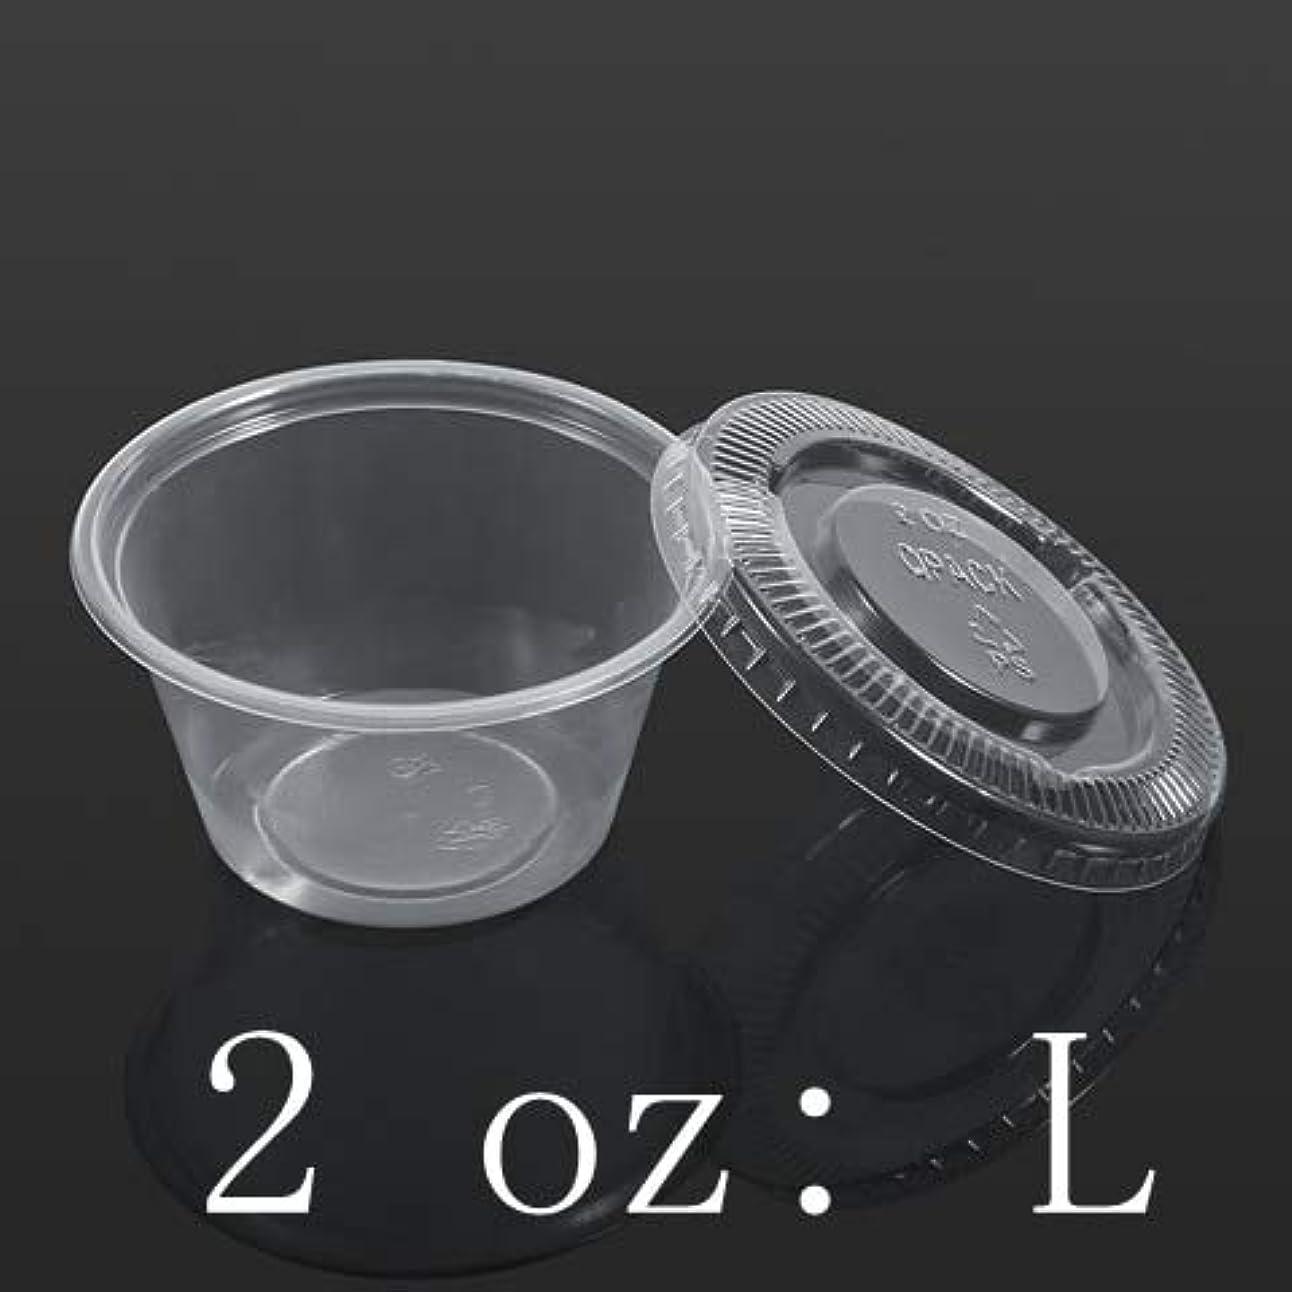 交渉する誠実さ第二にMaxcrestas - 蓋食品テイクアウトでMaxcrestas - 50pcsの醤油カップ使い捨てのプラスチック製のクリアソースチャツネカップボックス